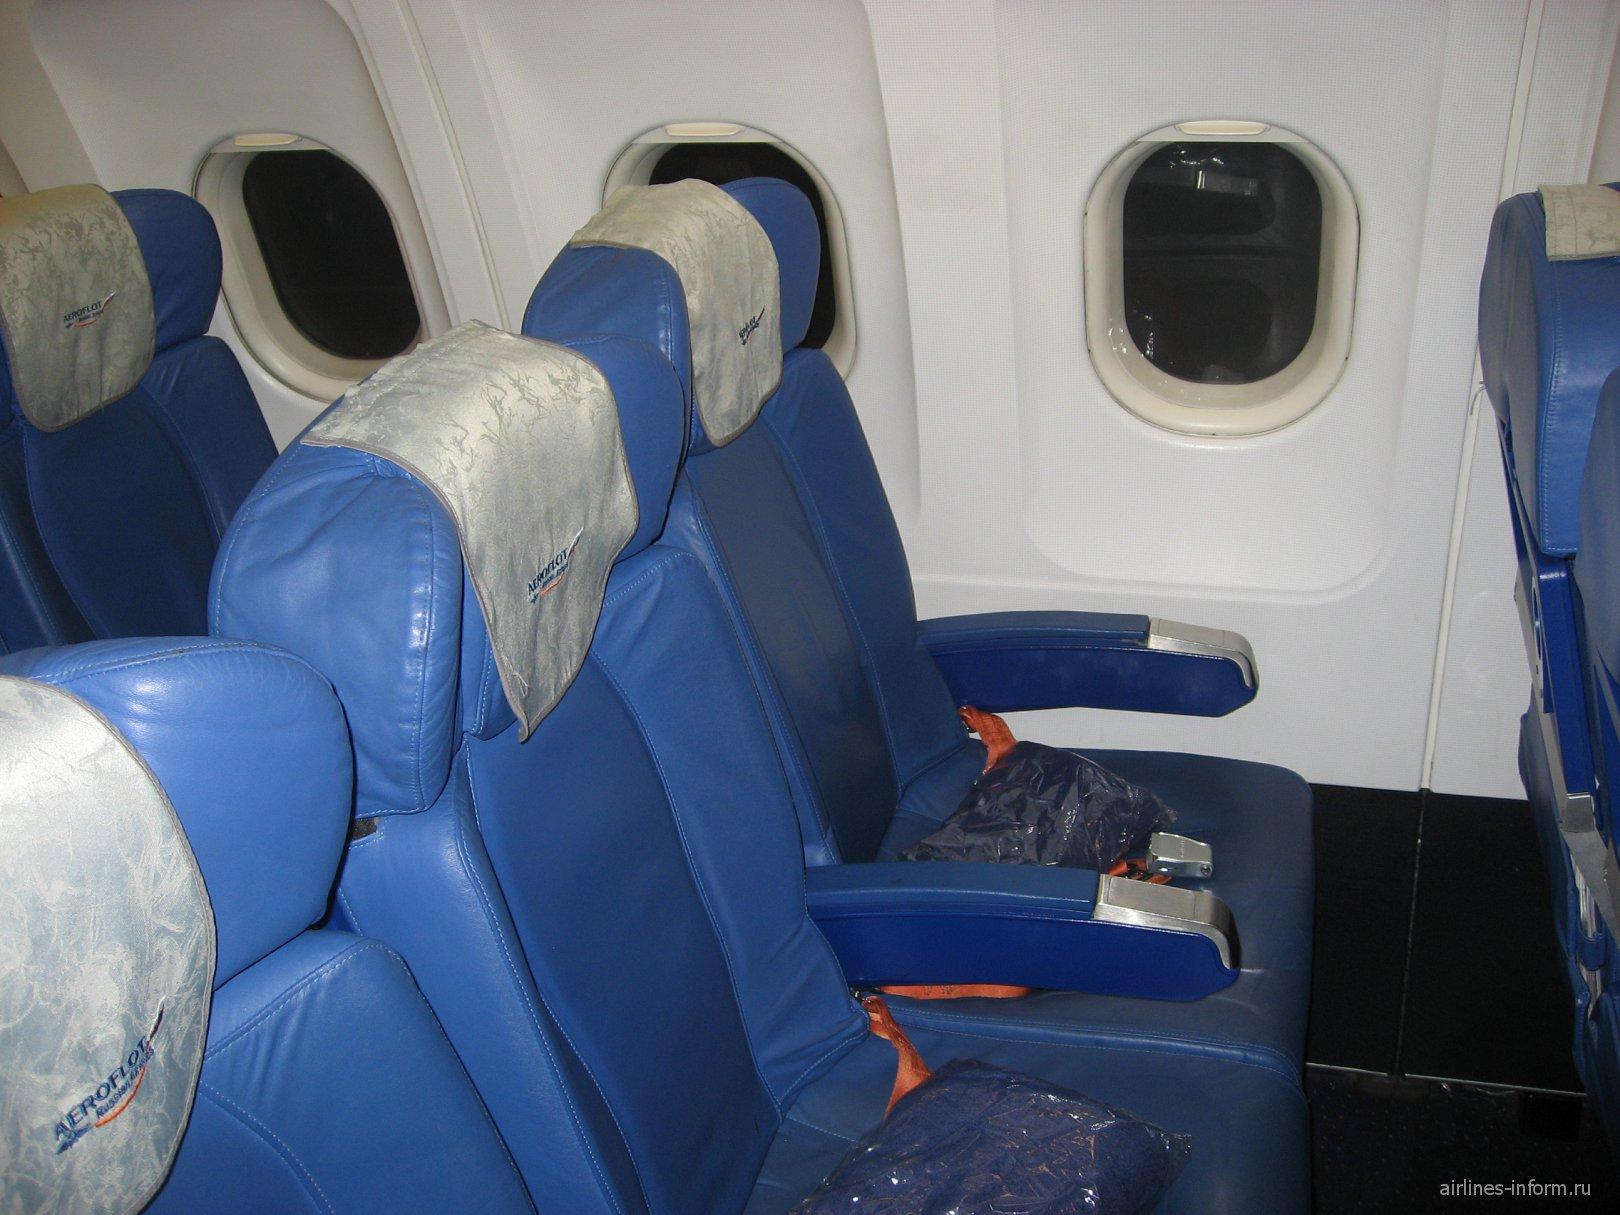 Пассажирские кресла в самолете Airbus A319 Аэрофлота